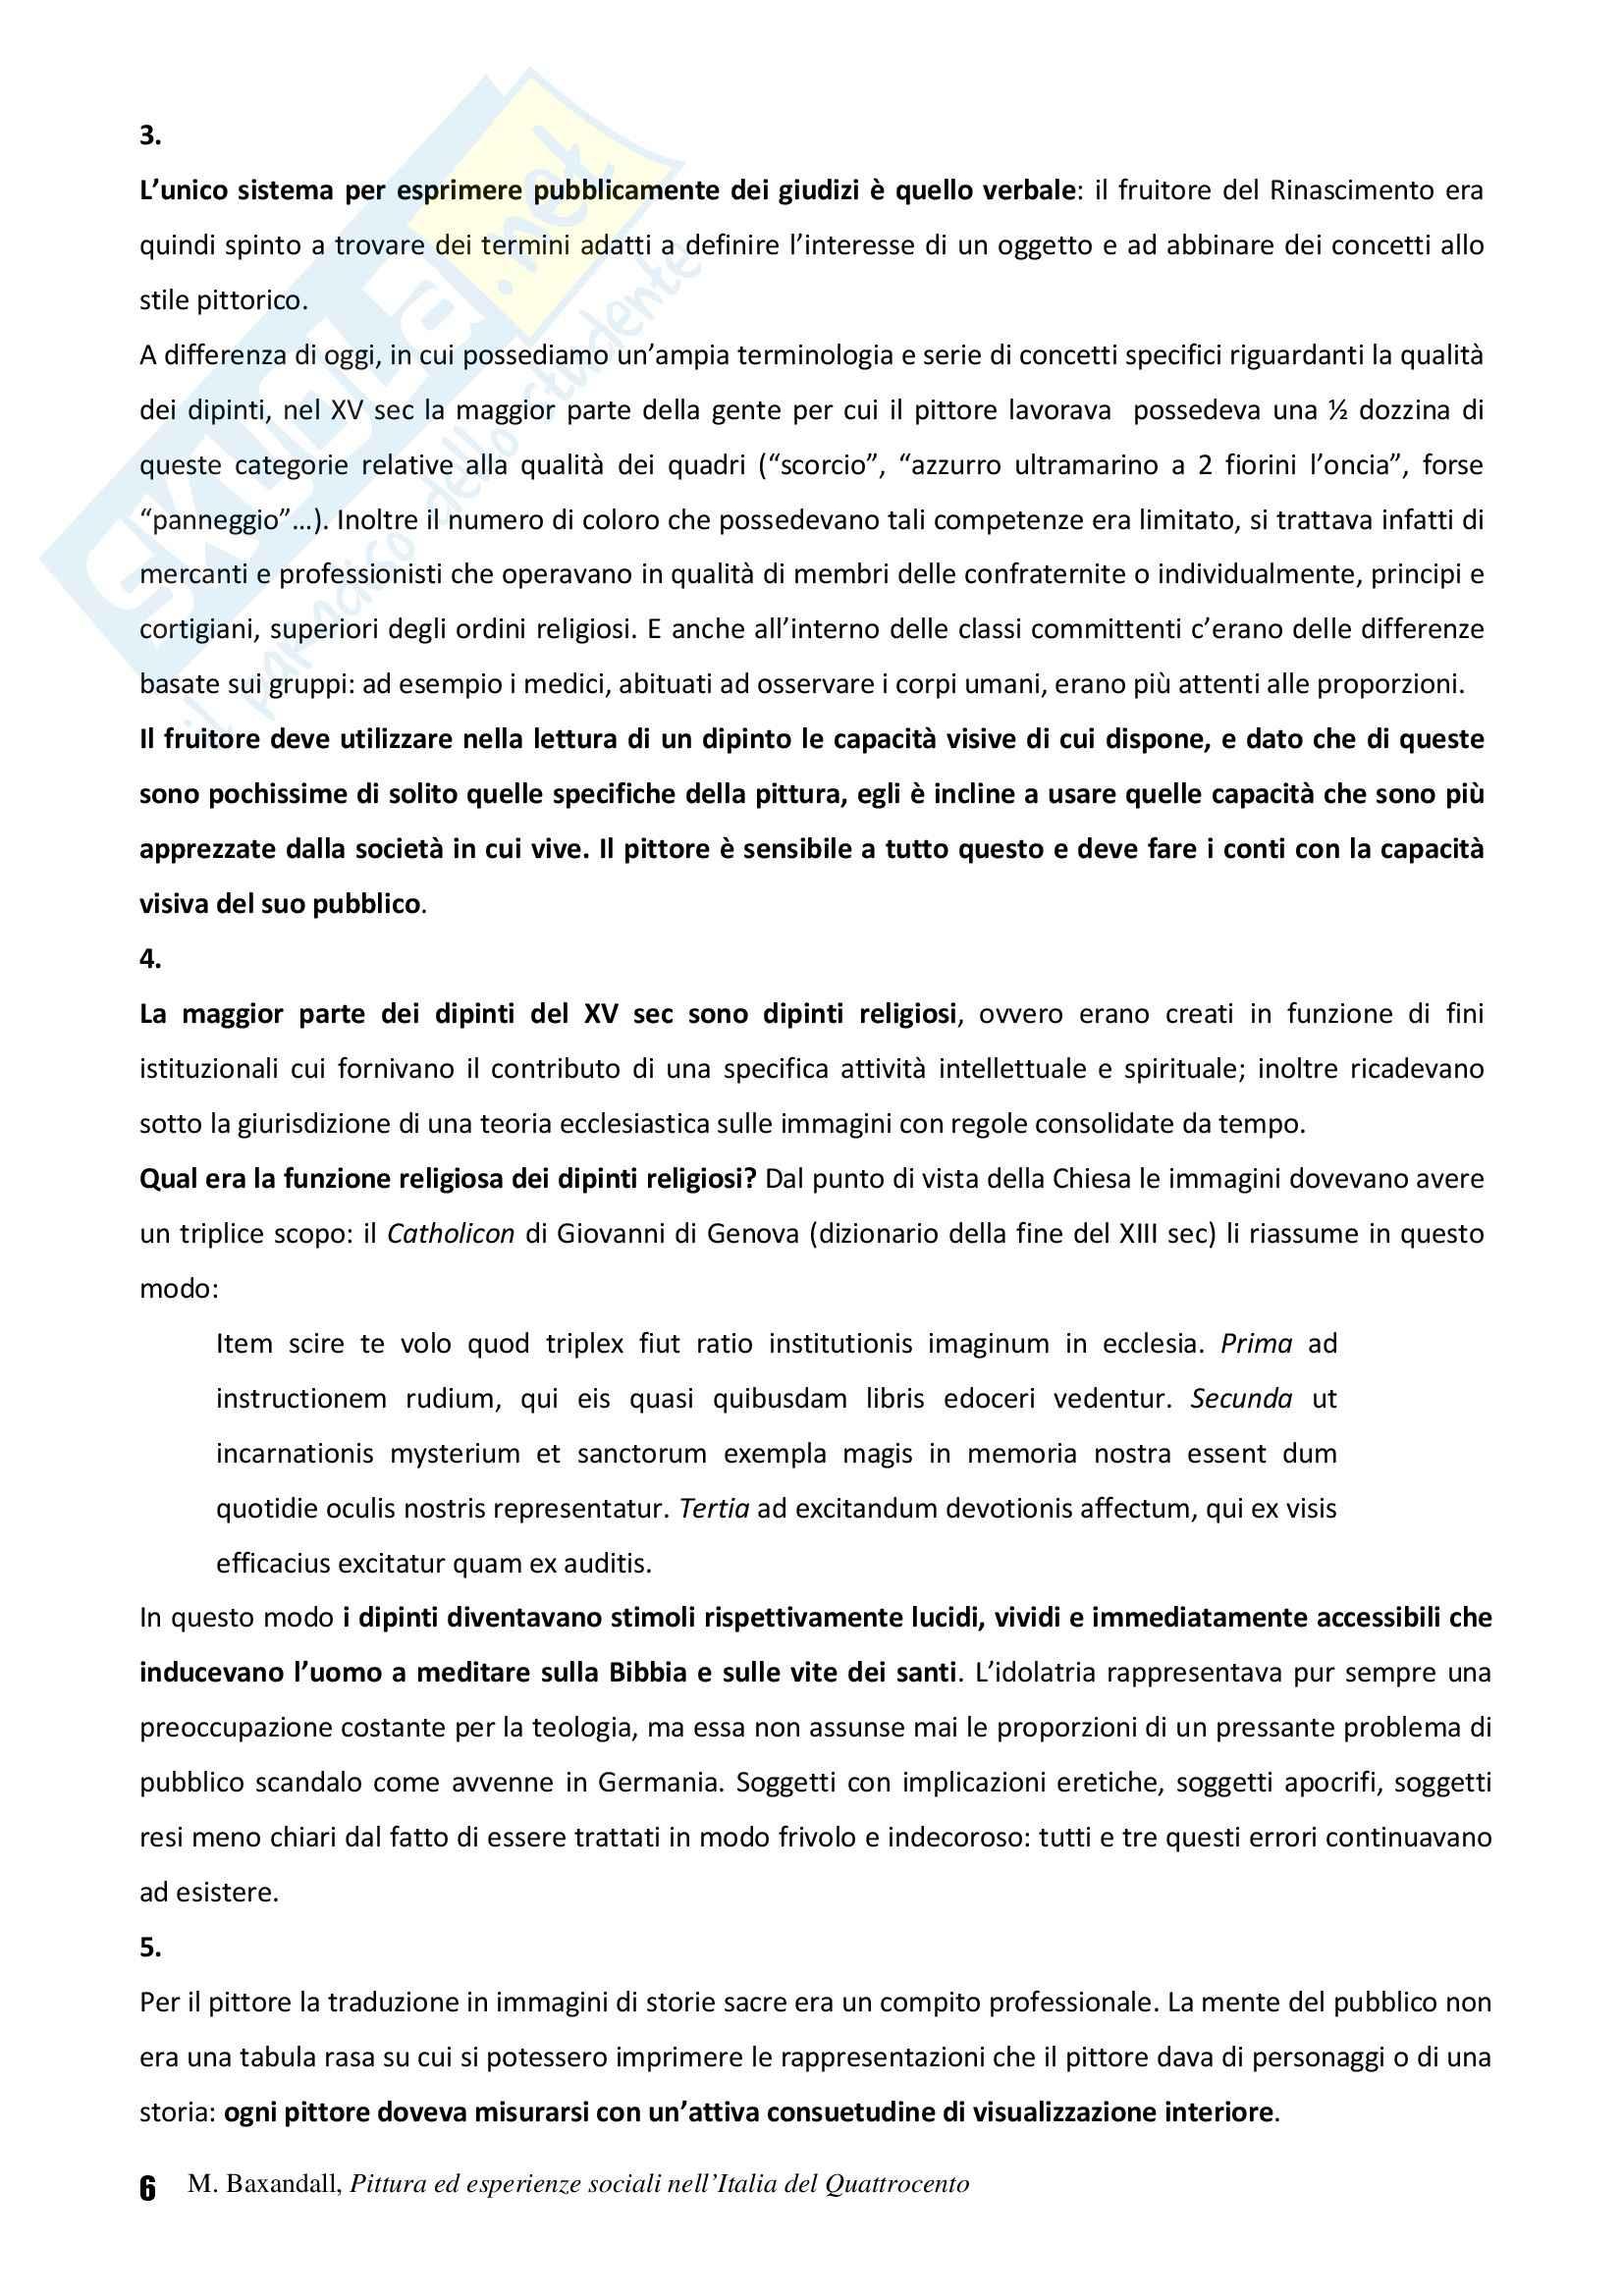 Riassunto esame Storia dell'Arte Fiamminga, prof. Brezzi, libro consigliato Pittura ed Esperienze Sociali nell'Italia del Quattrocento, Baxandall Pag. 6